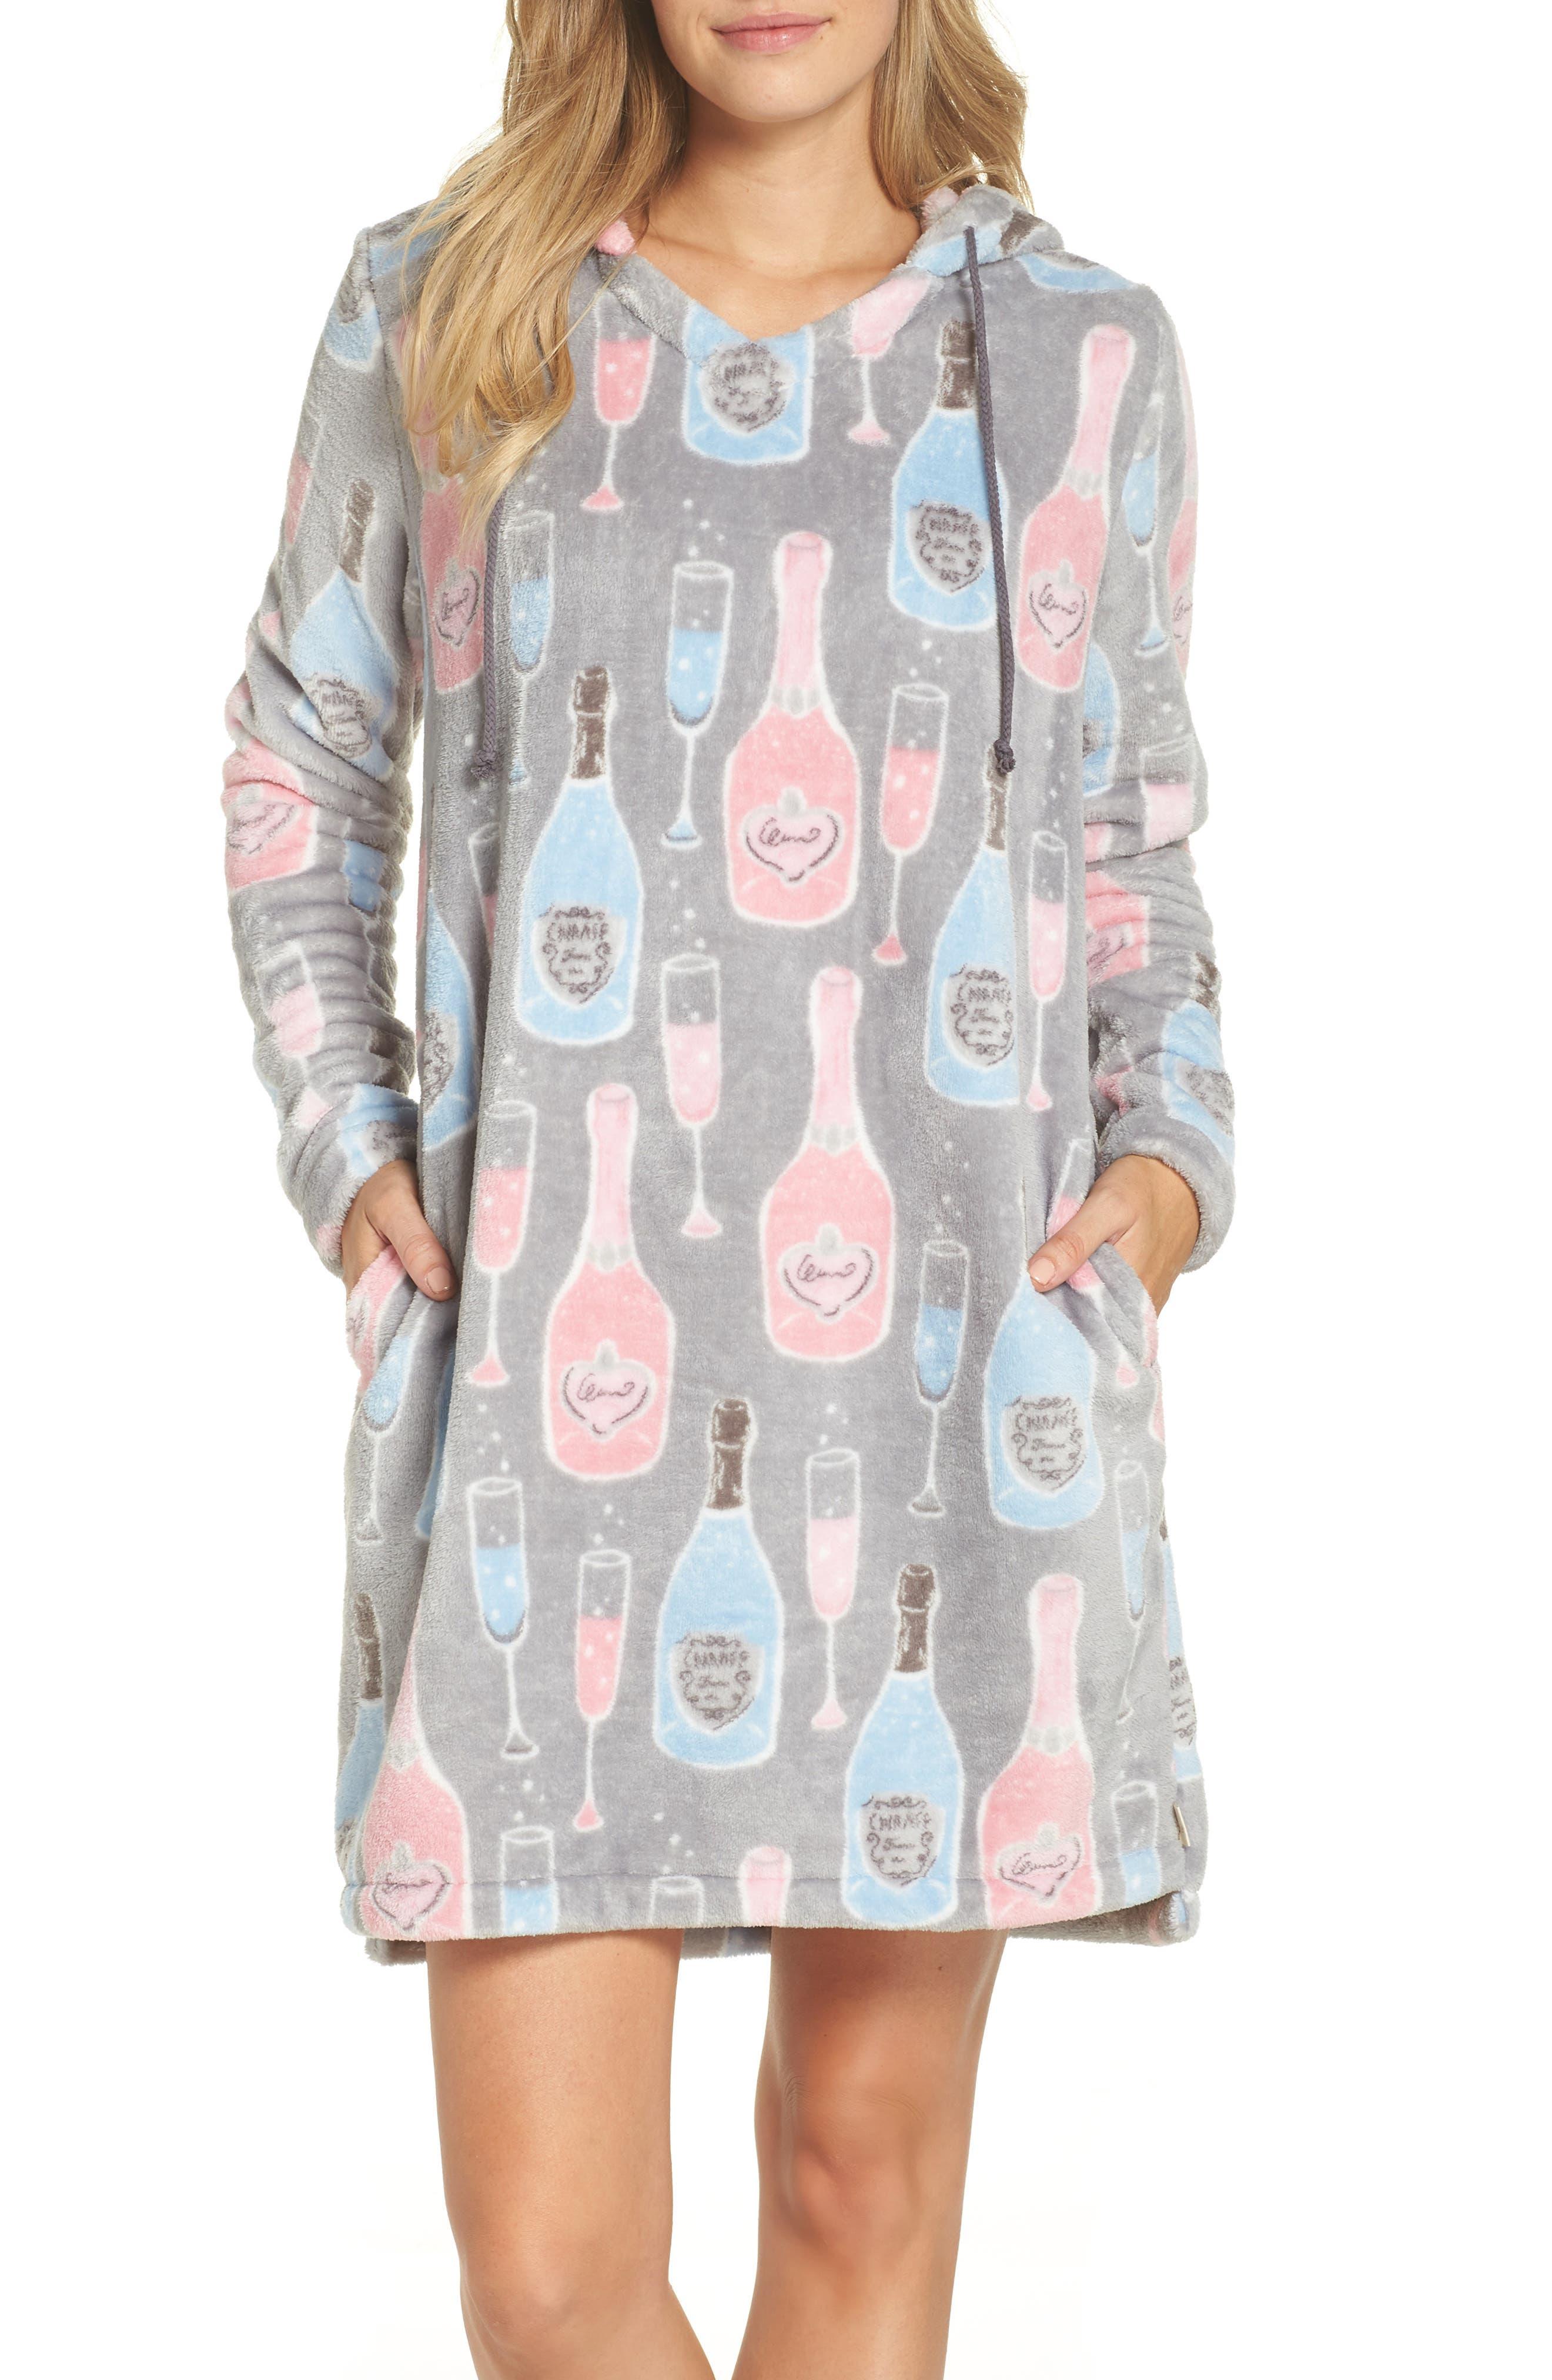 Munki Munki Plush Hooded Nightgown, Grey